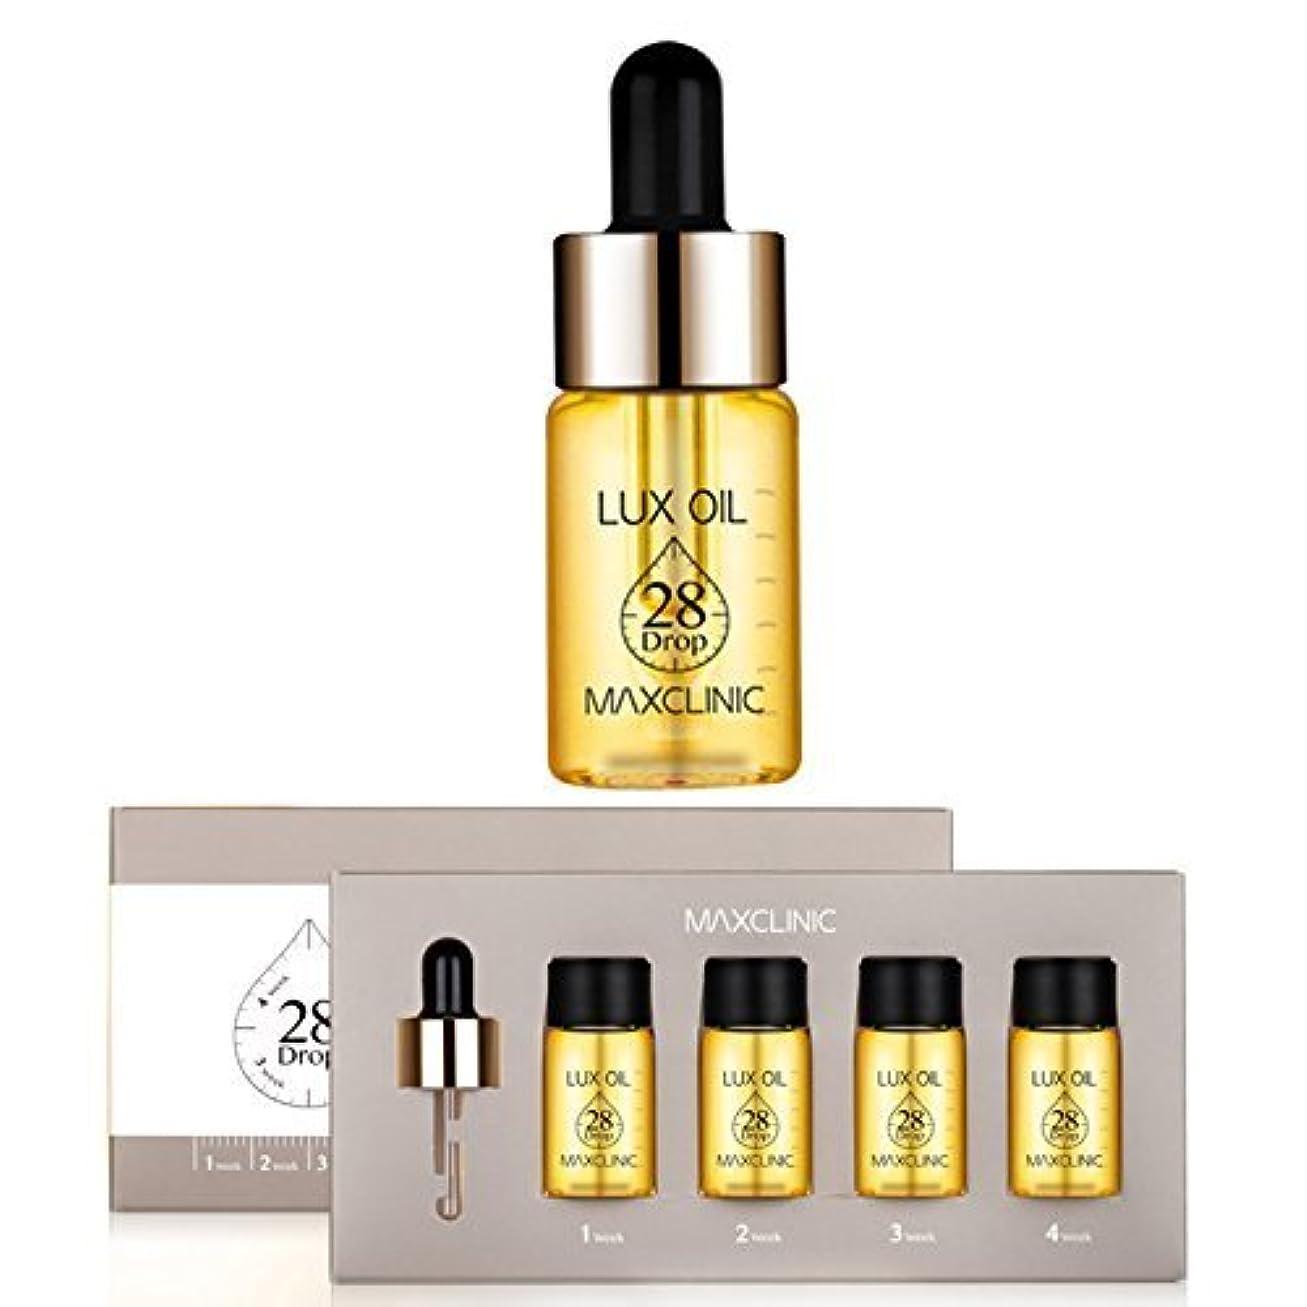 遅滞波紋命令的マックスクリニック[韓国コスメMaxclinic]Lux Oil 28 Drop,Luxury spa oil ampoules ラックスオイル28ドロップ、ラグジュアリースパオイルアンプル10mlX4個 [並行輸入品]